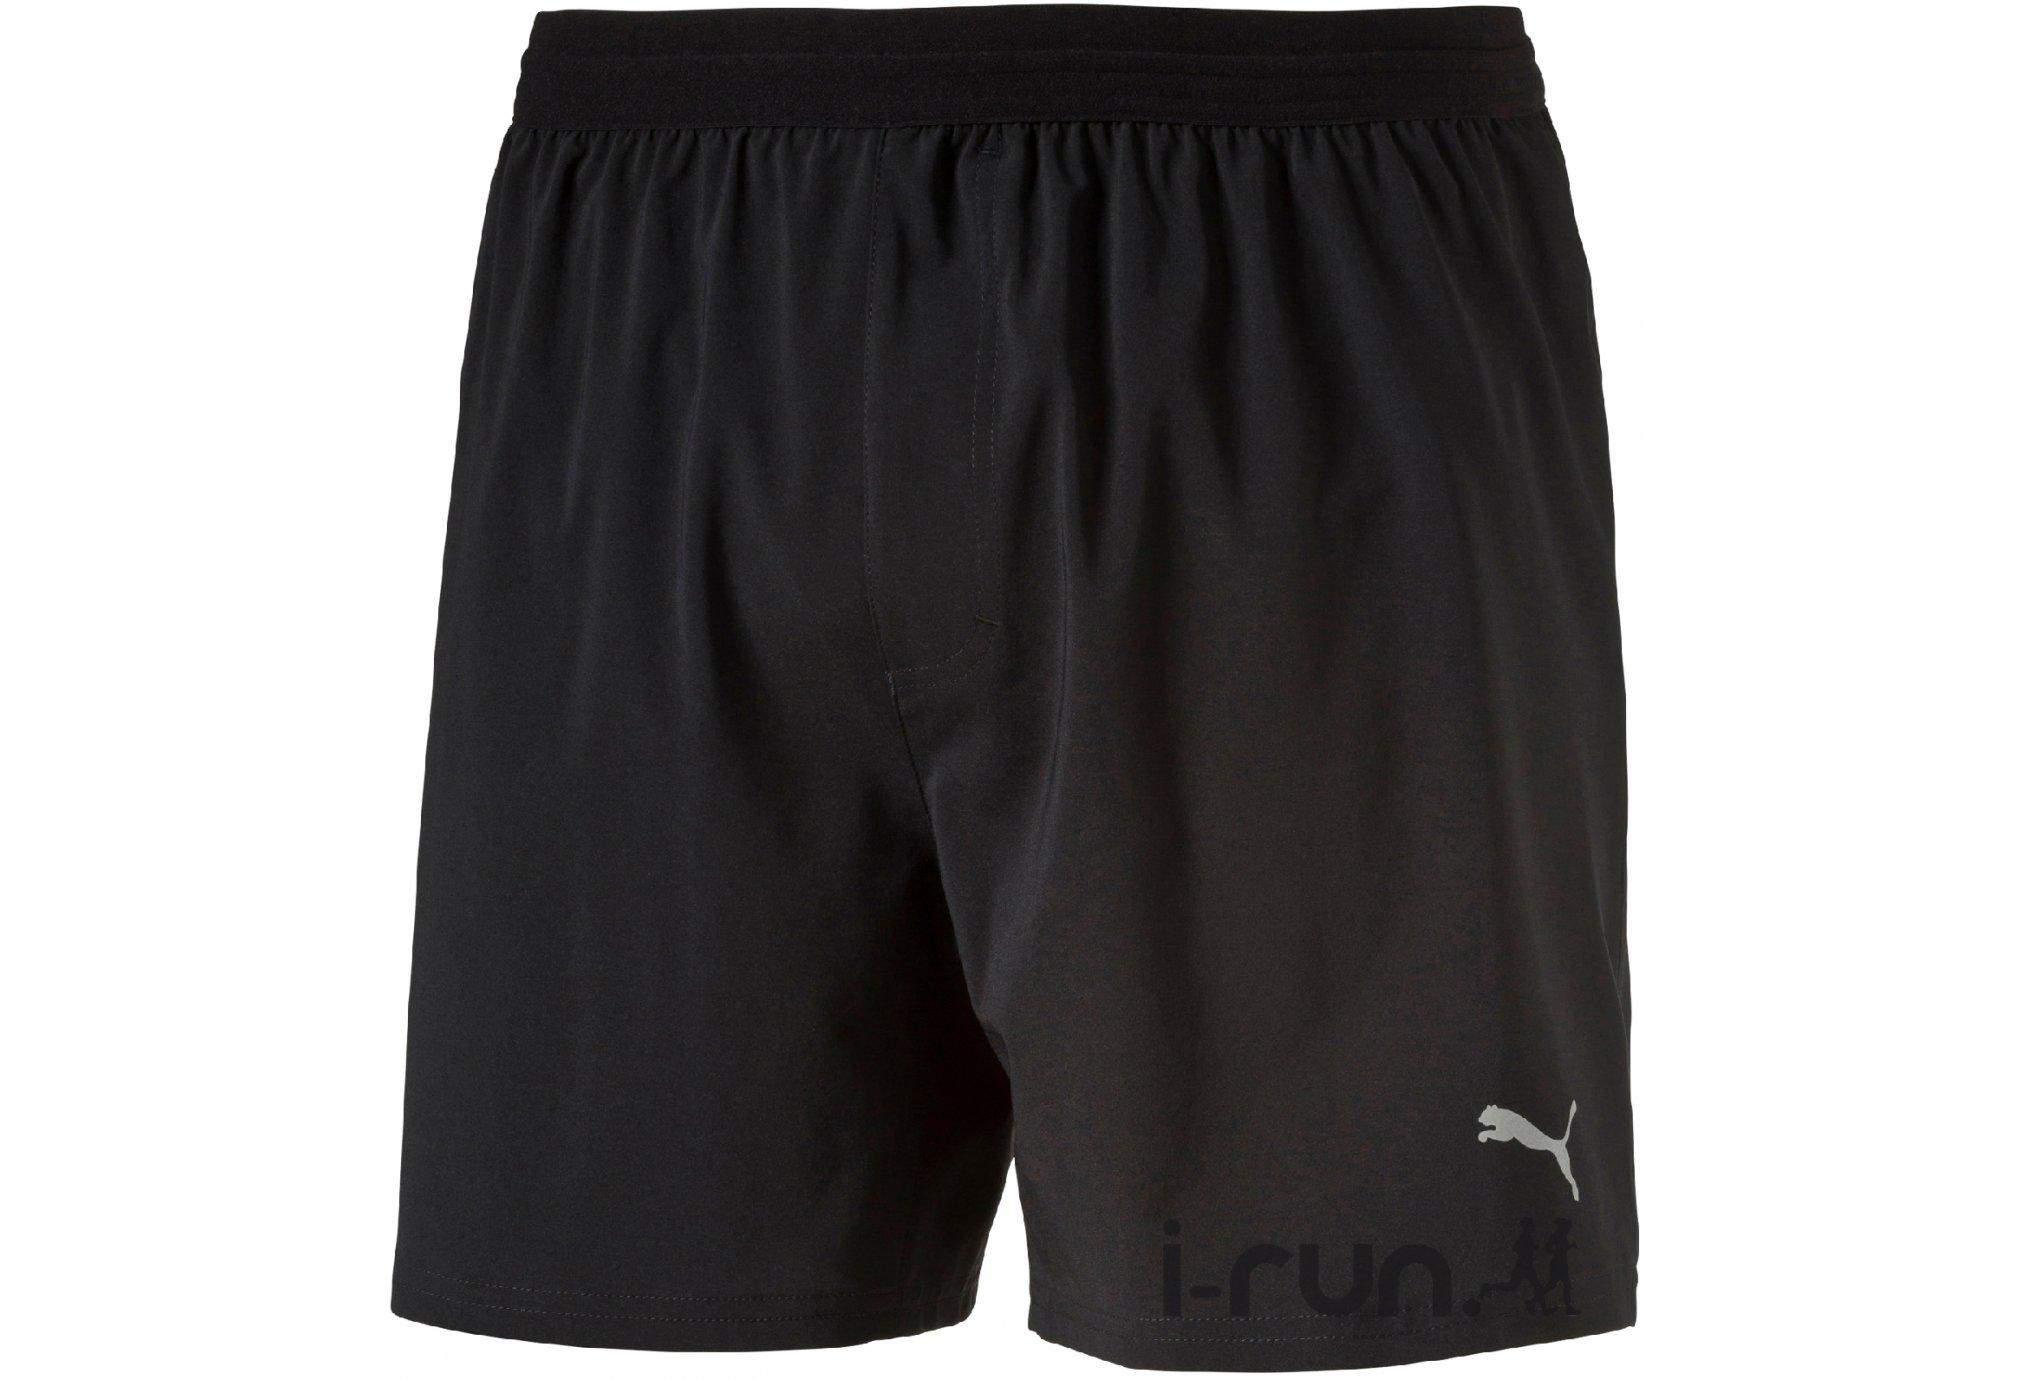 Puma Short Pace 5inch M vêtement running homme